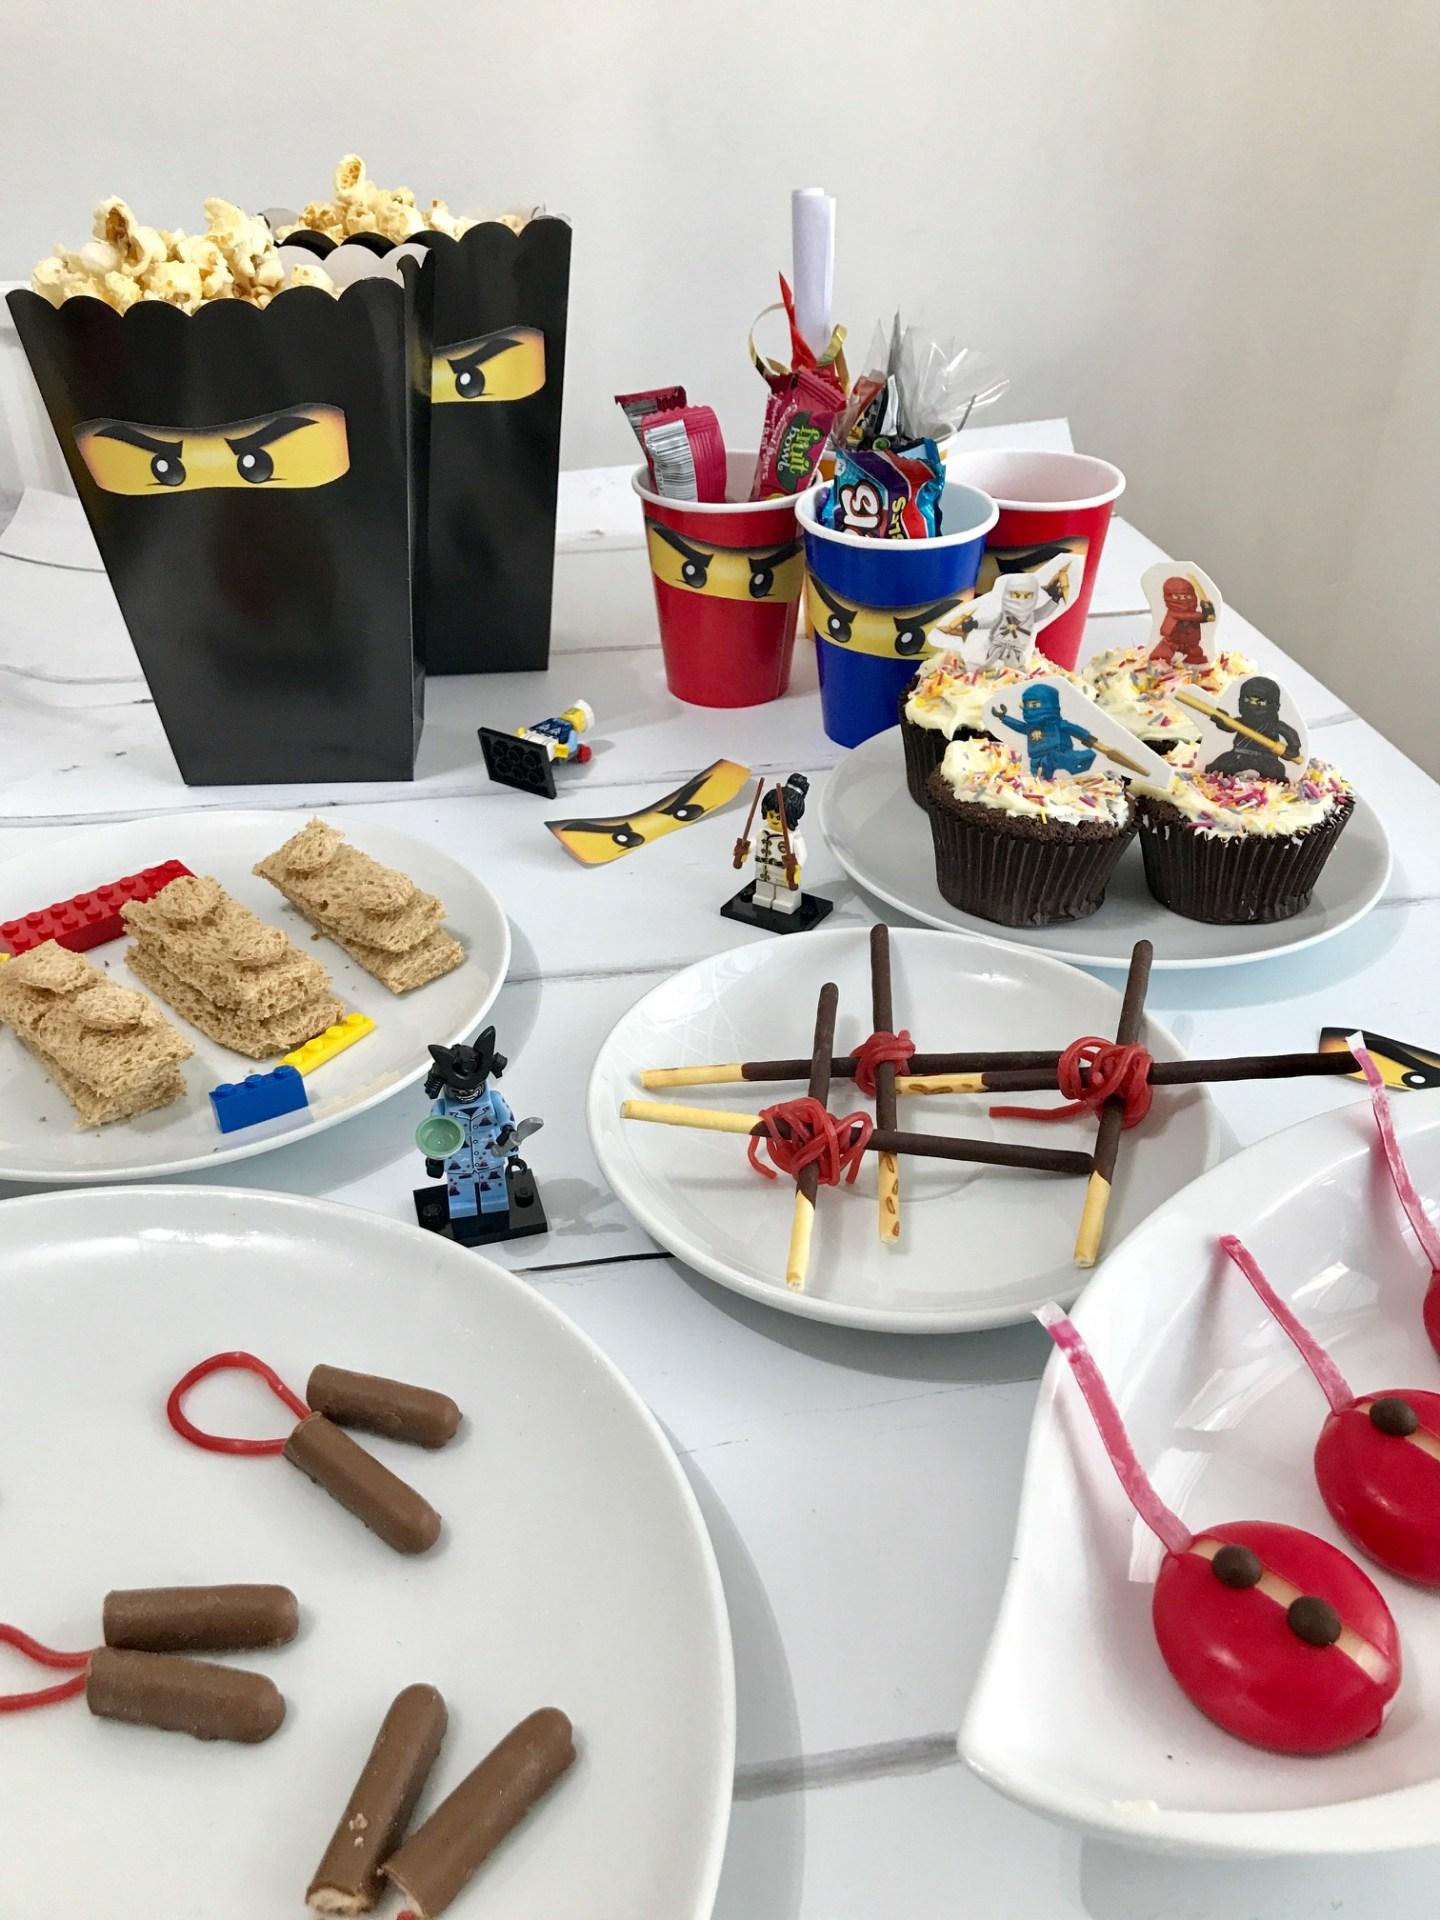 DIY Lego Ninjago Party Ideas including Lego Ninjago party bags, Ninjago party food, Ninjago party tea, How to make lego sandwiches, Lego ninjago party ideas